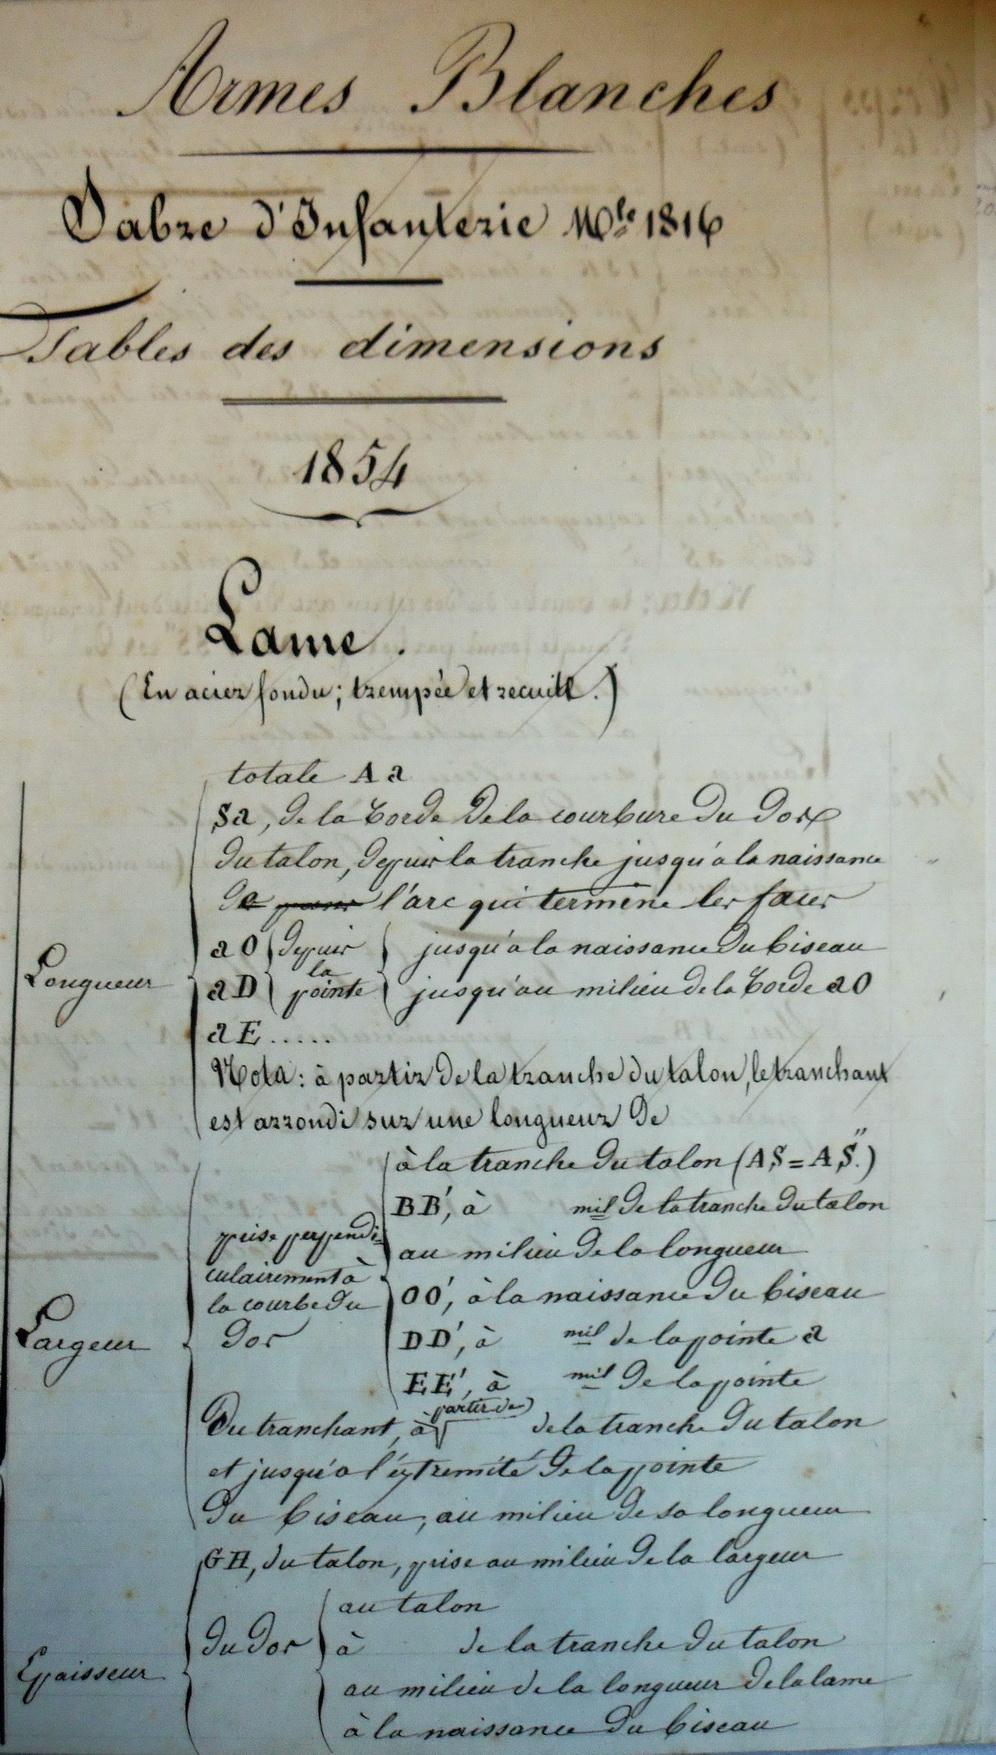 Les sabres briquets 2nde partie : de l'an IX à 1854 - Page 2 Imgp2812